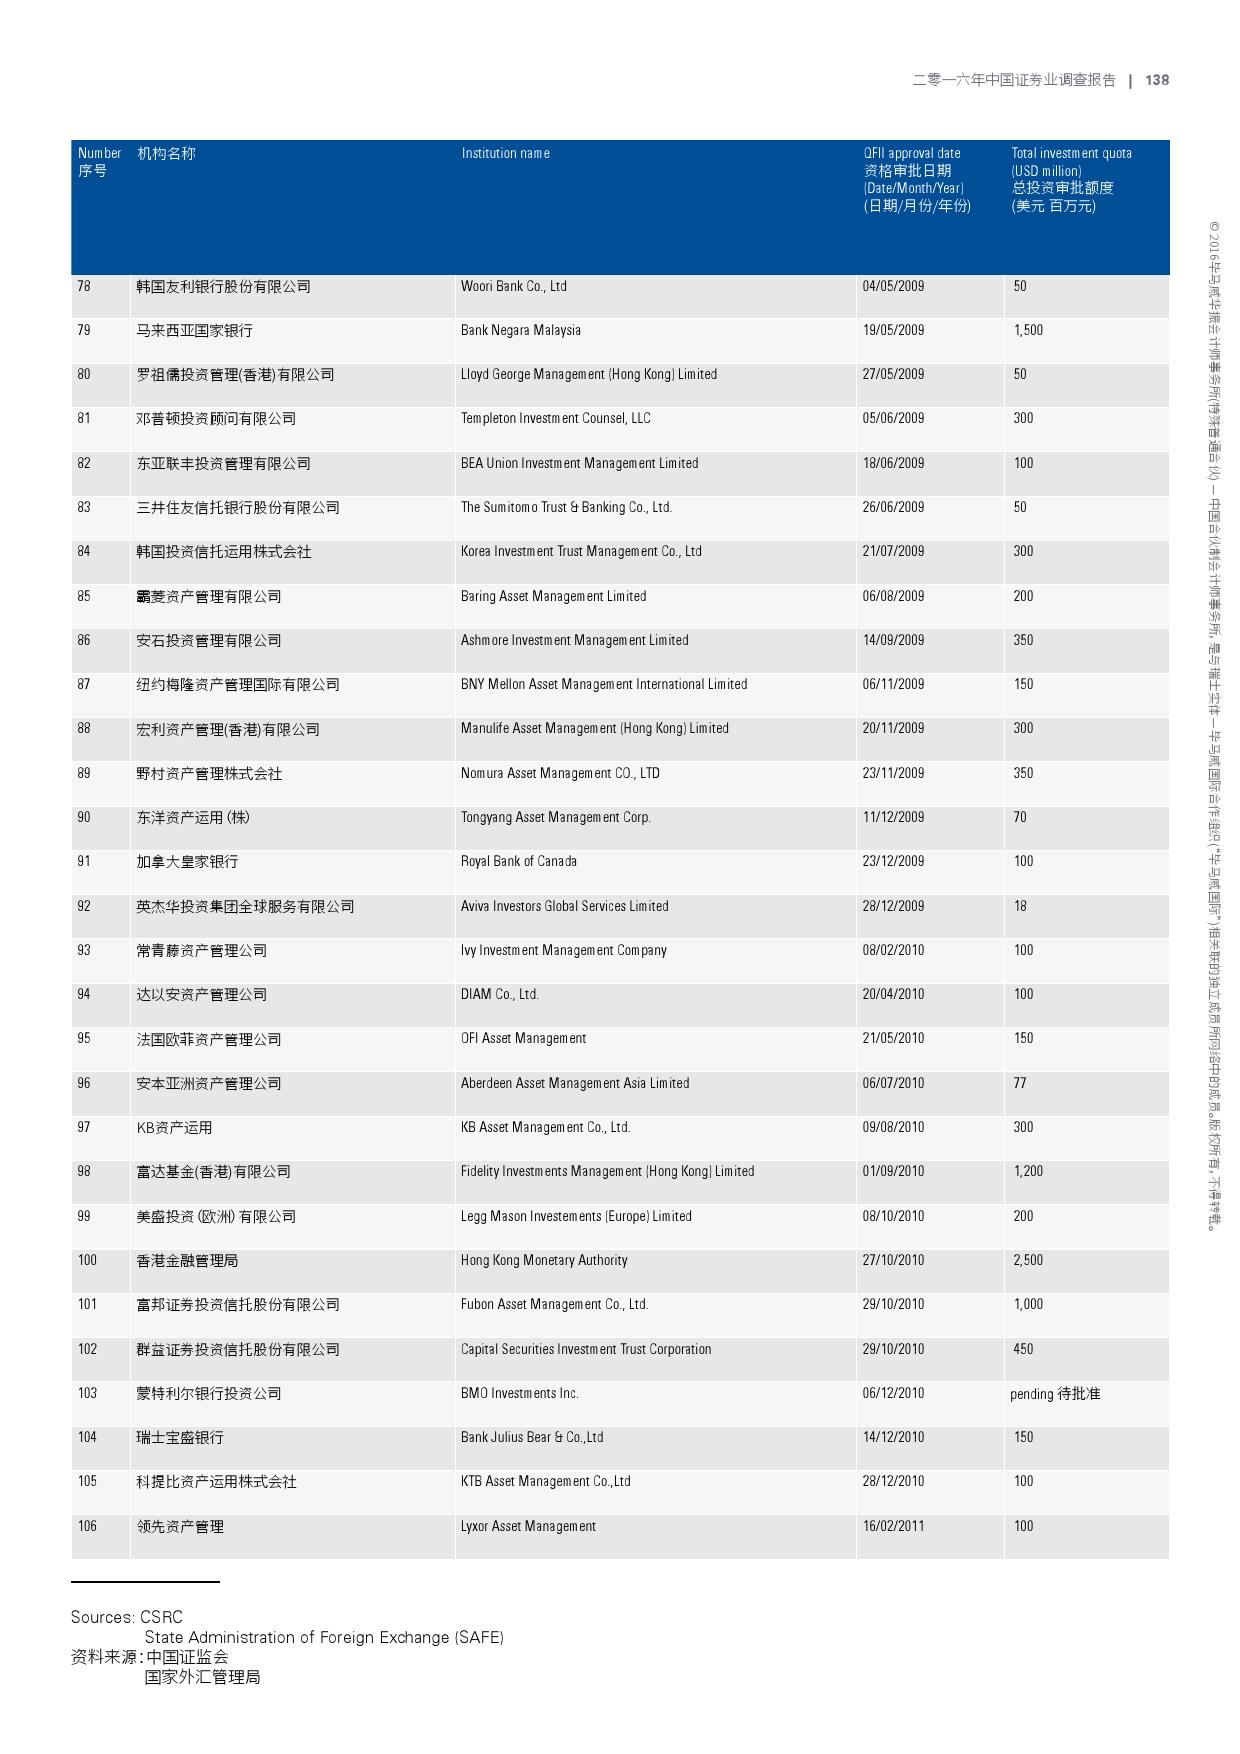 2016年中国证券业调查报告_000141